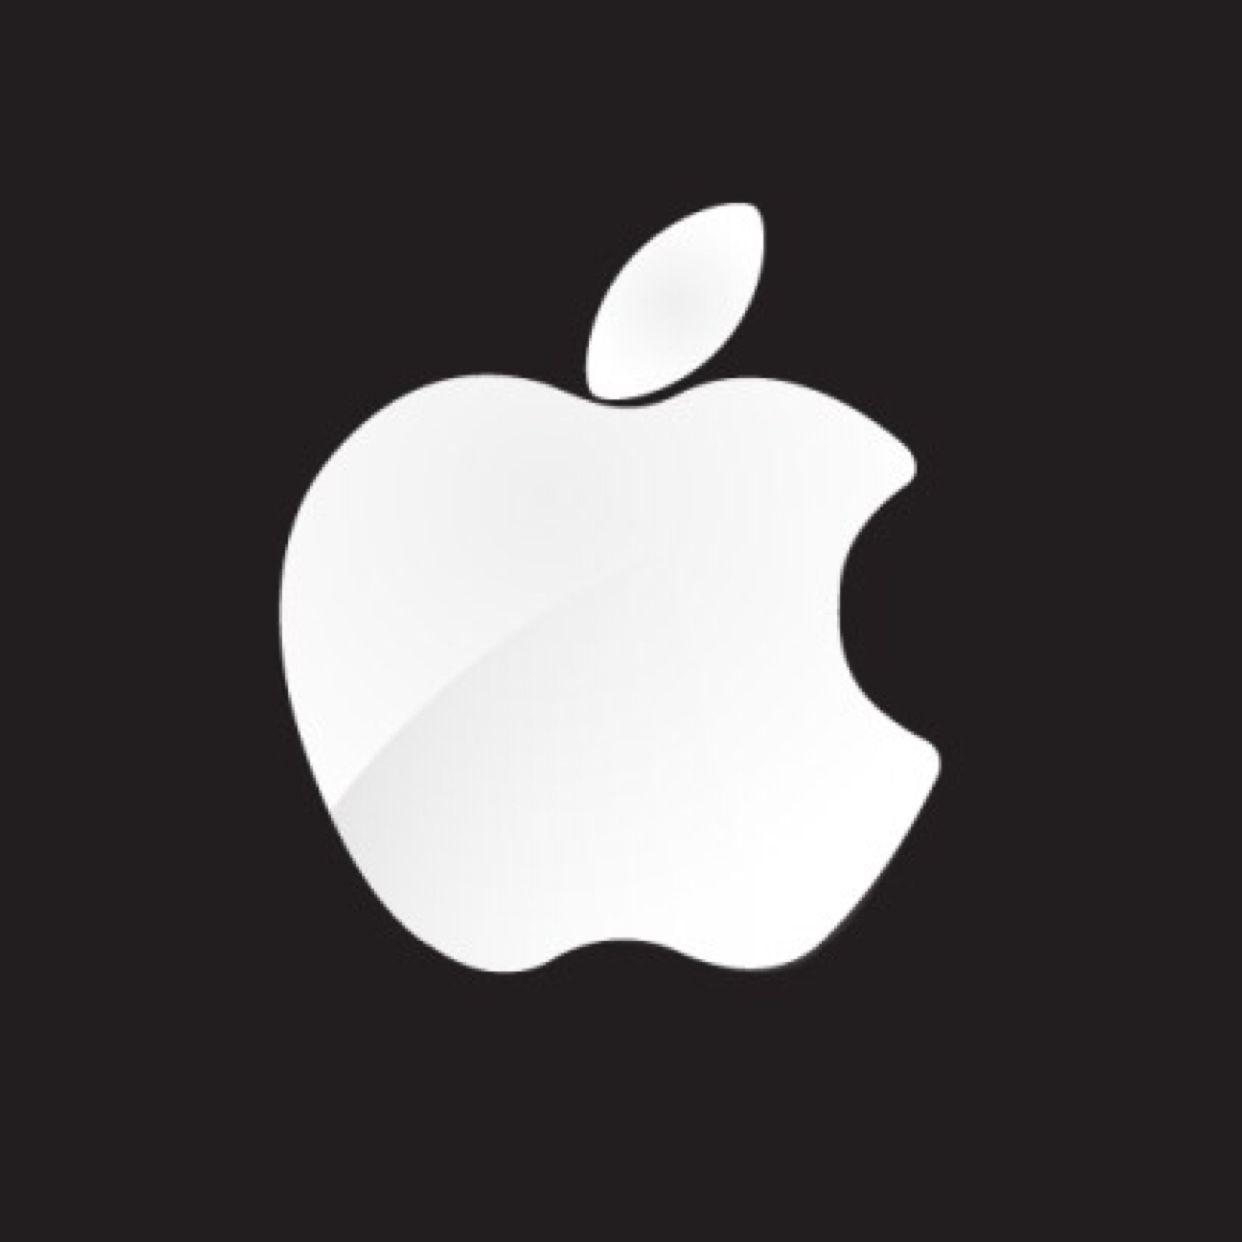 苹果设计图片大全